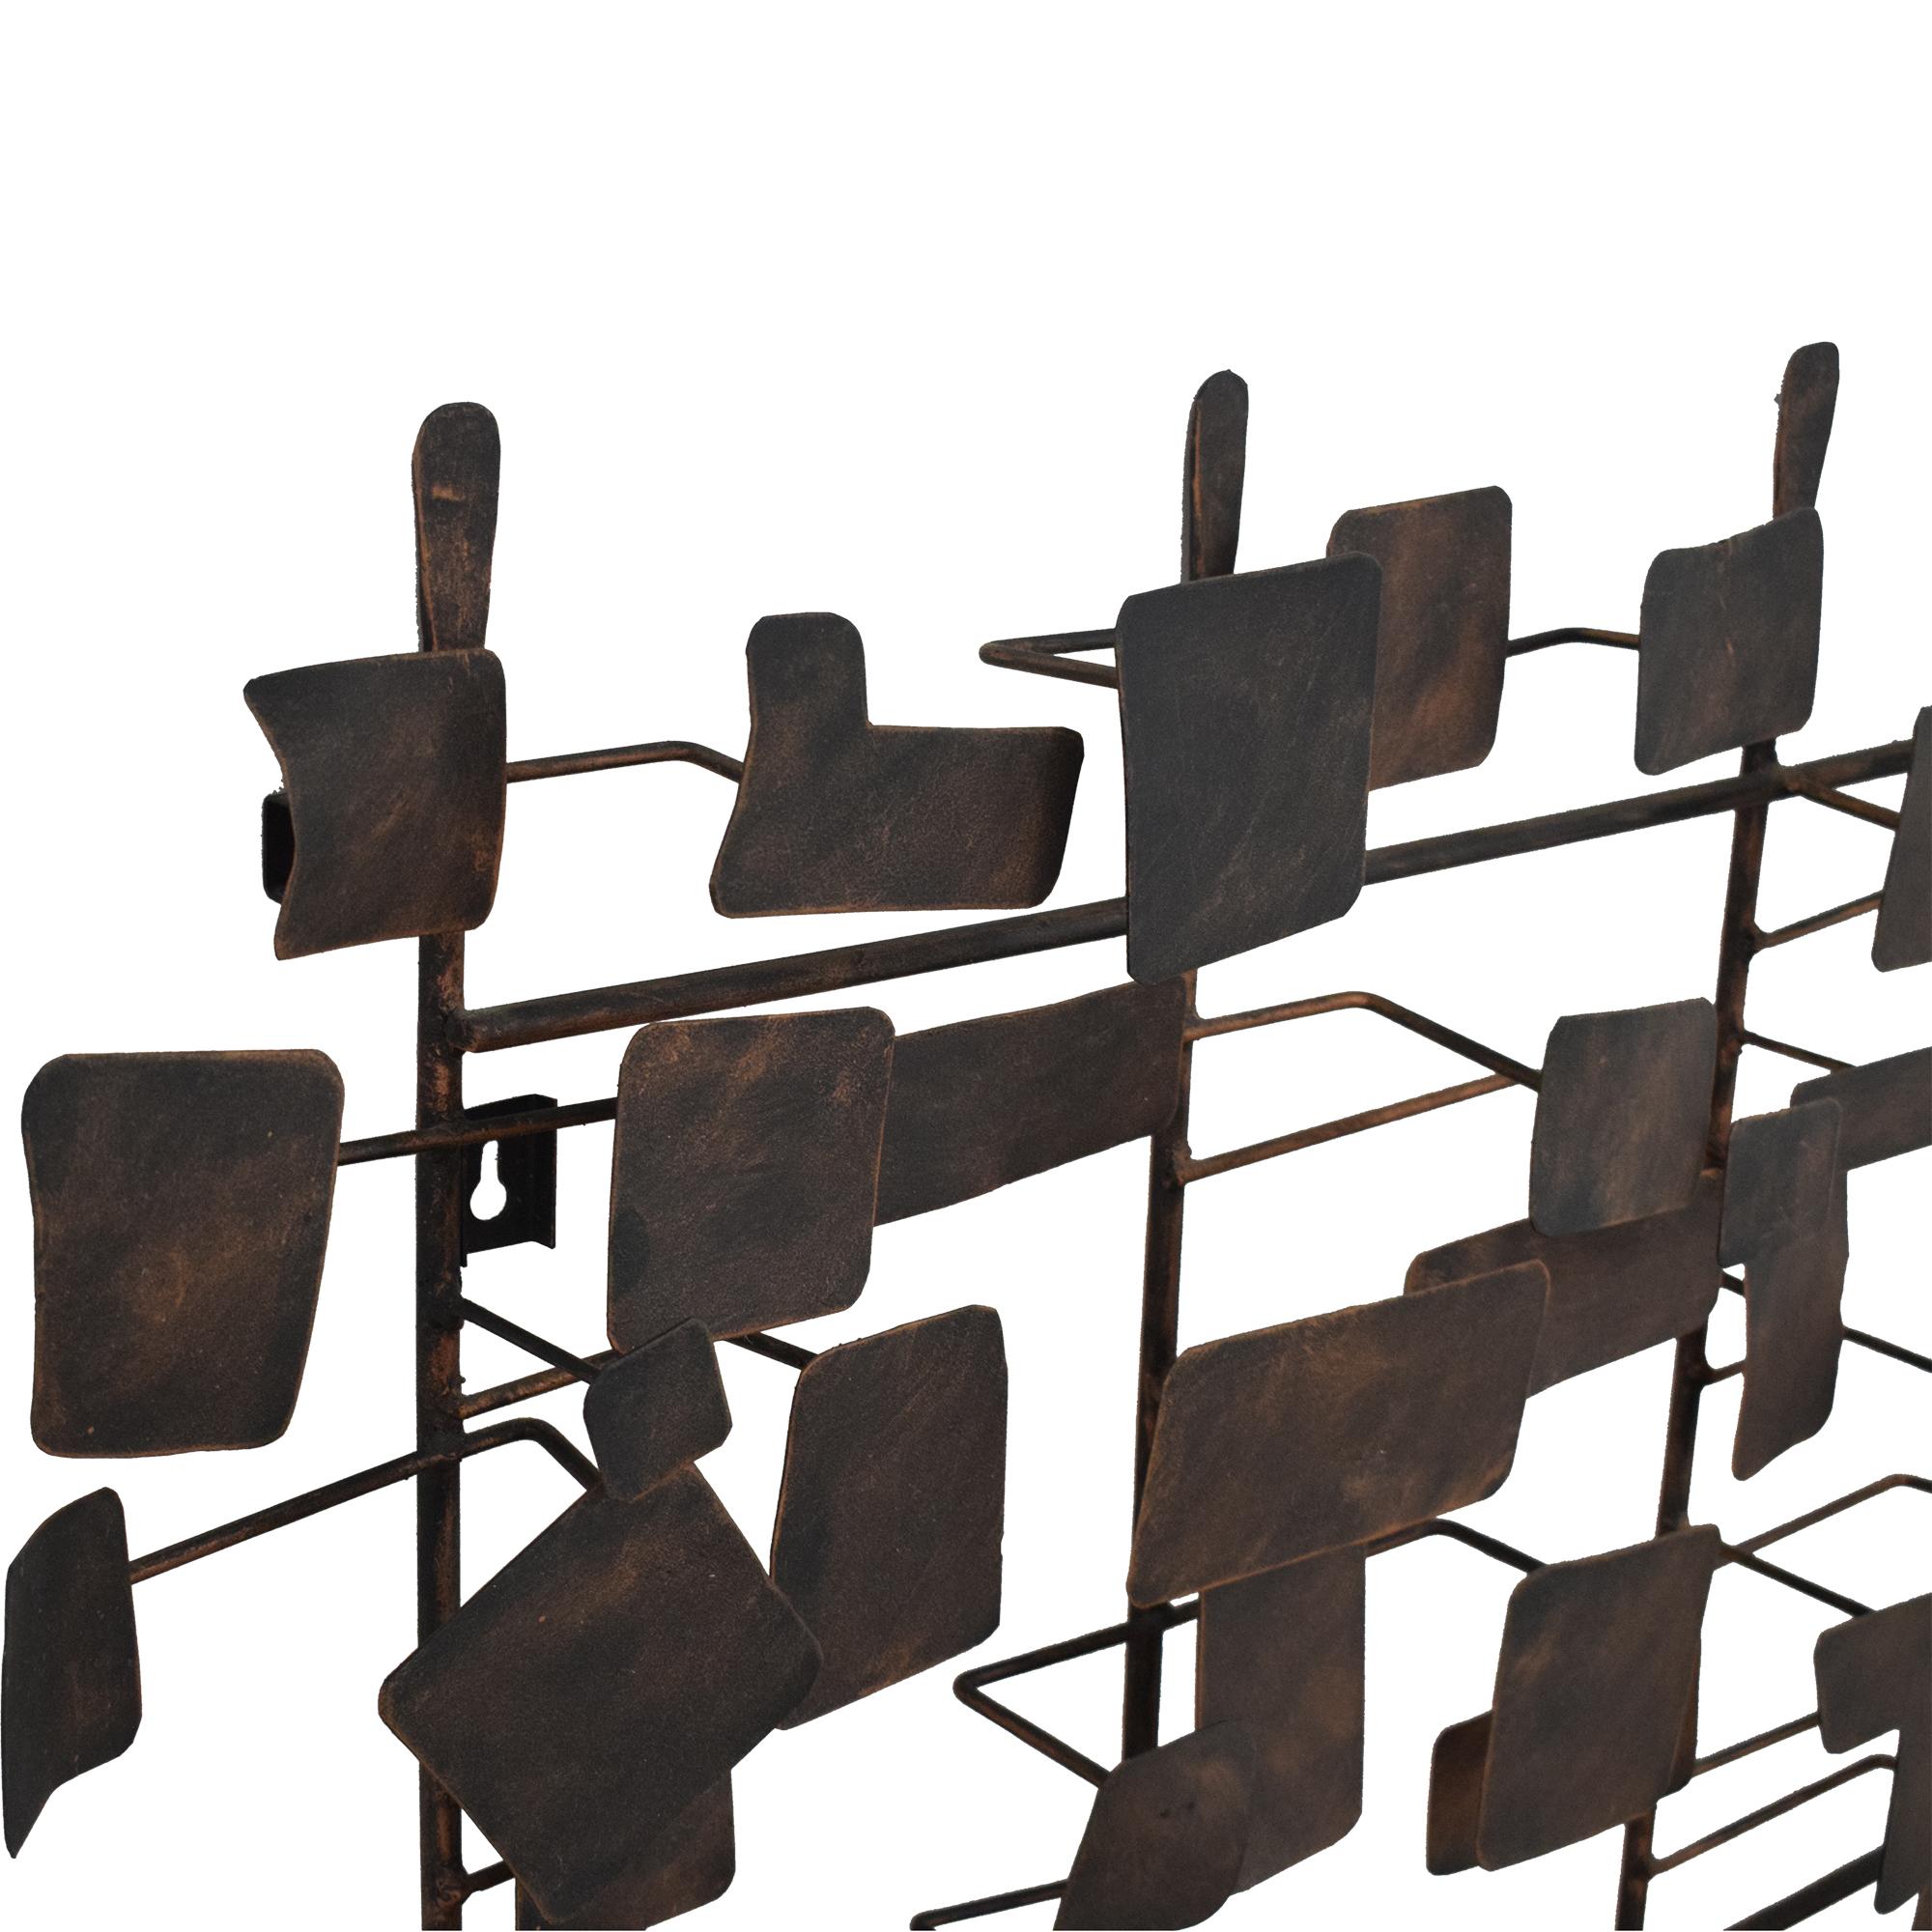 Ethan Allen Ethan Allen Metal Wall Sculpture ma